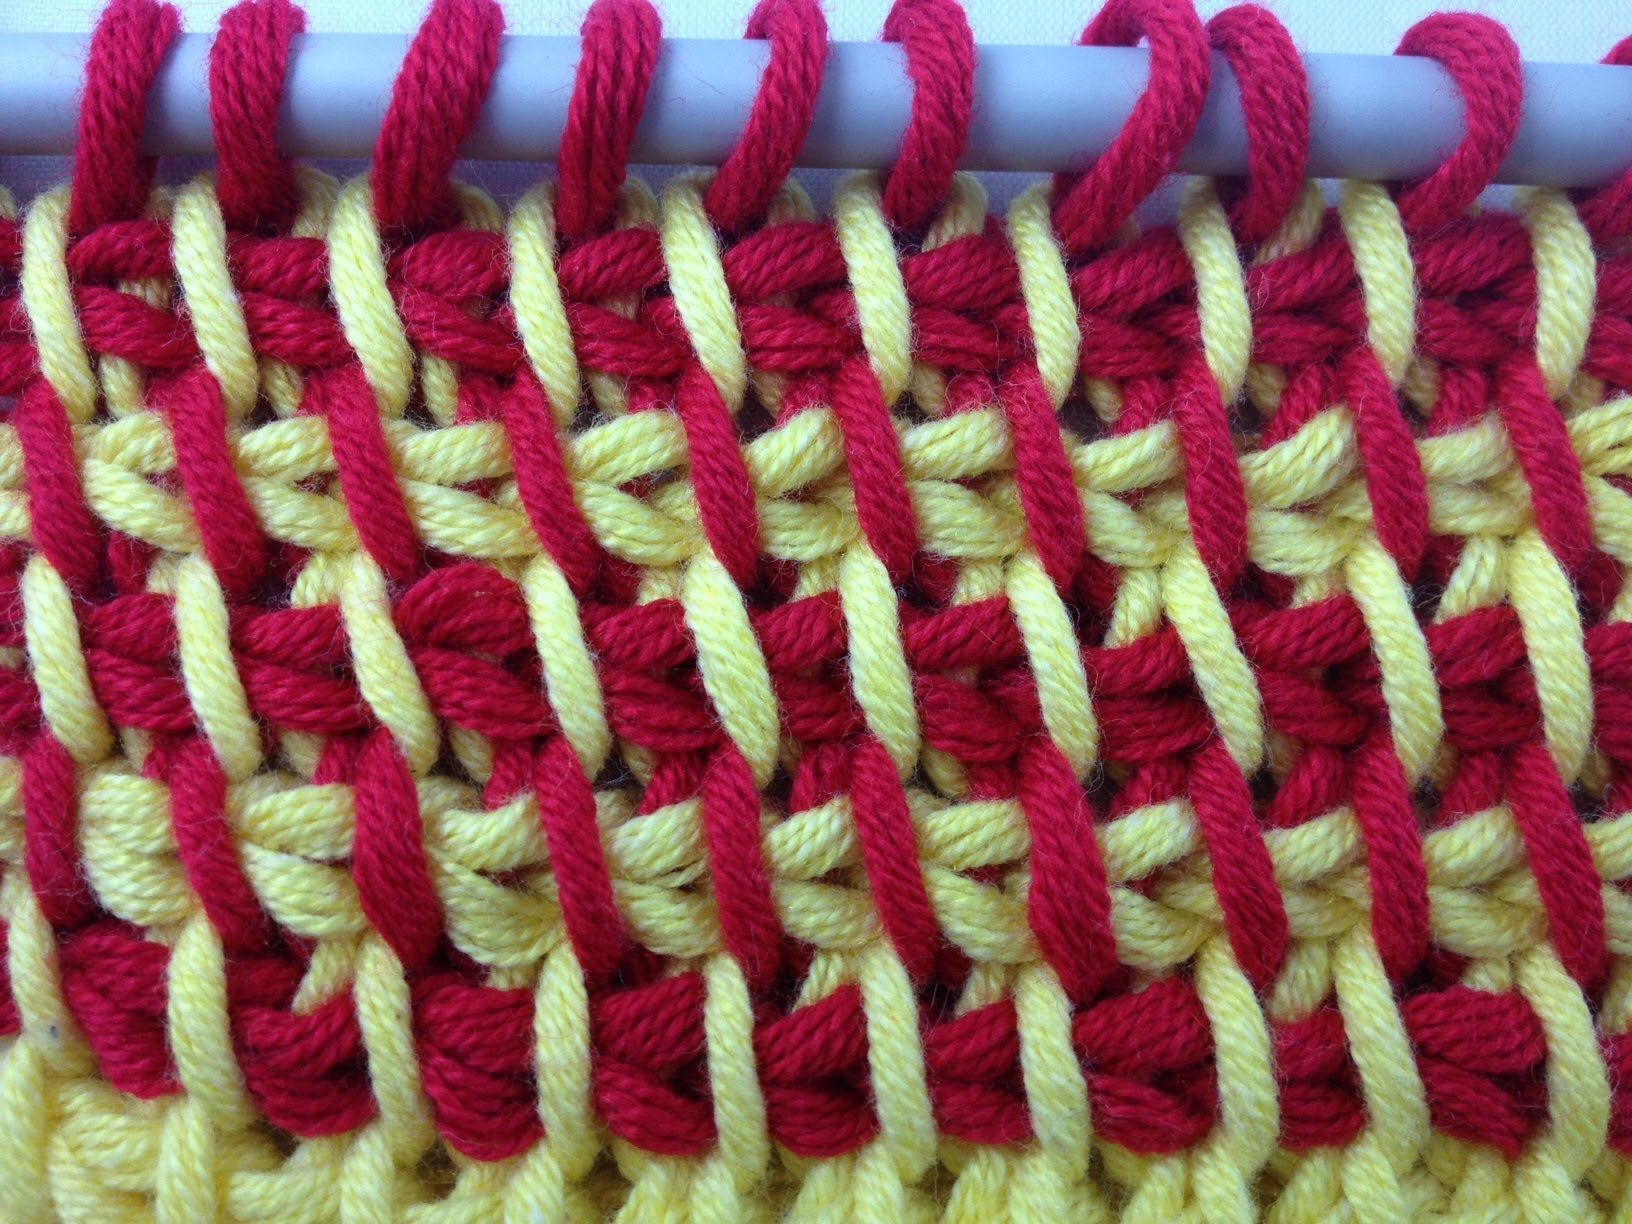 Tunesisch Häkeln - Grundmuster zweifarbig (Fischgrät) | Knitting ...